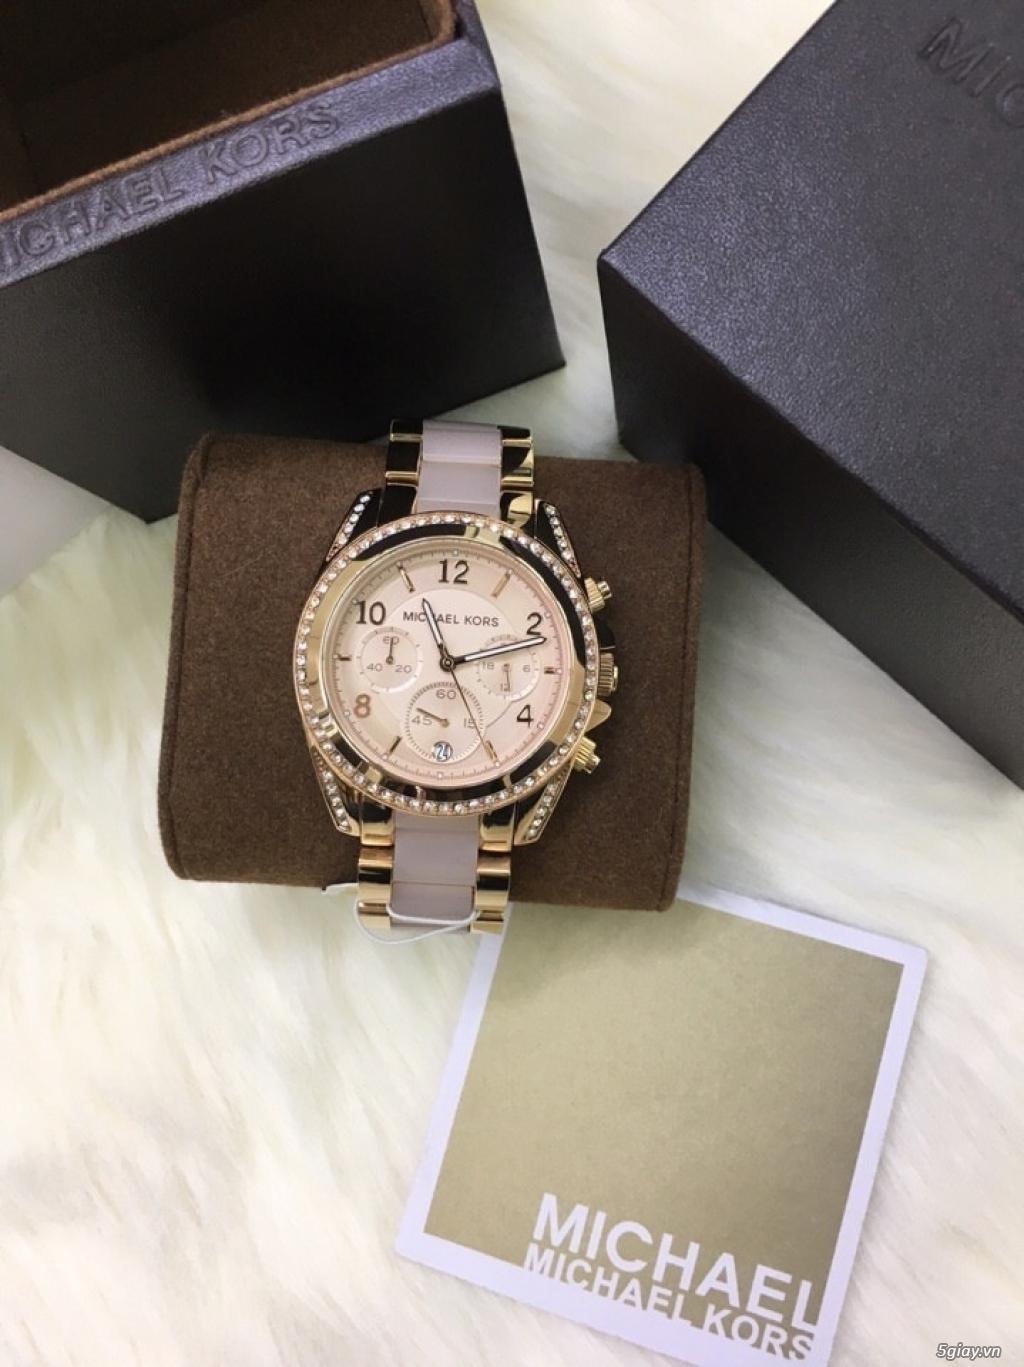 Đồng hồ chính hãng Michael Kors giá rẻ - 46